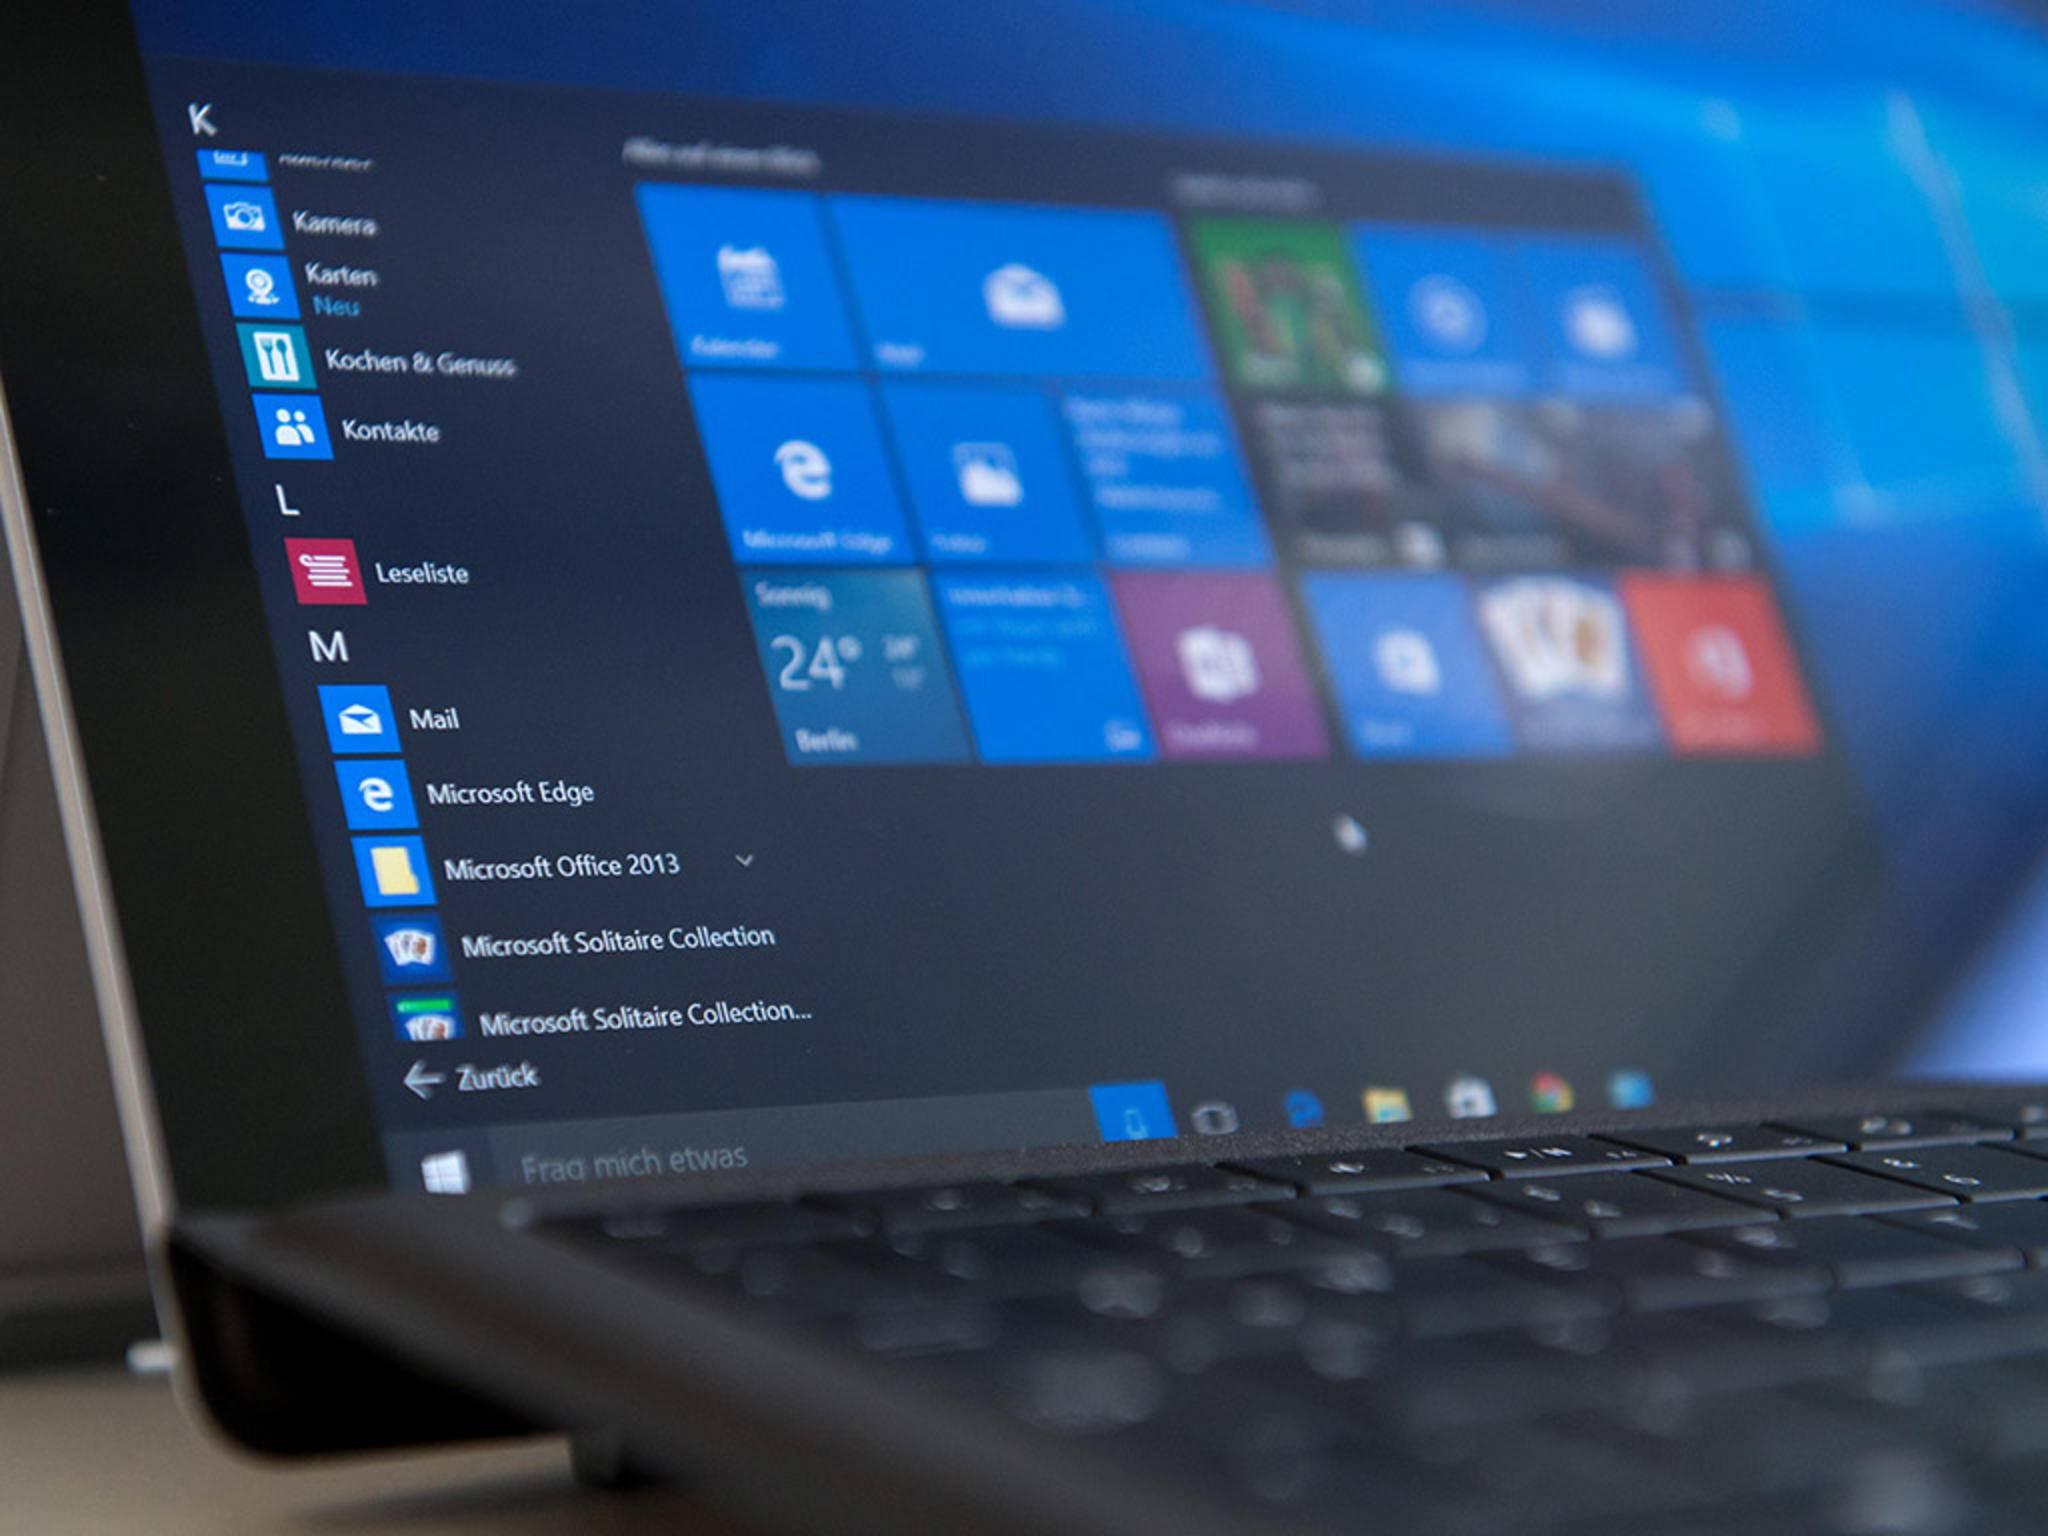 Wir nennen sieben häufige Probleme mit Windows 10 und mögliche Lösungen.